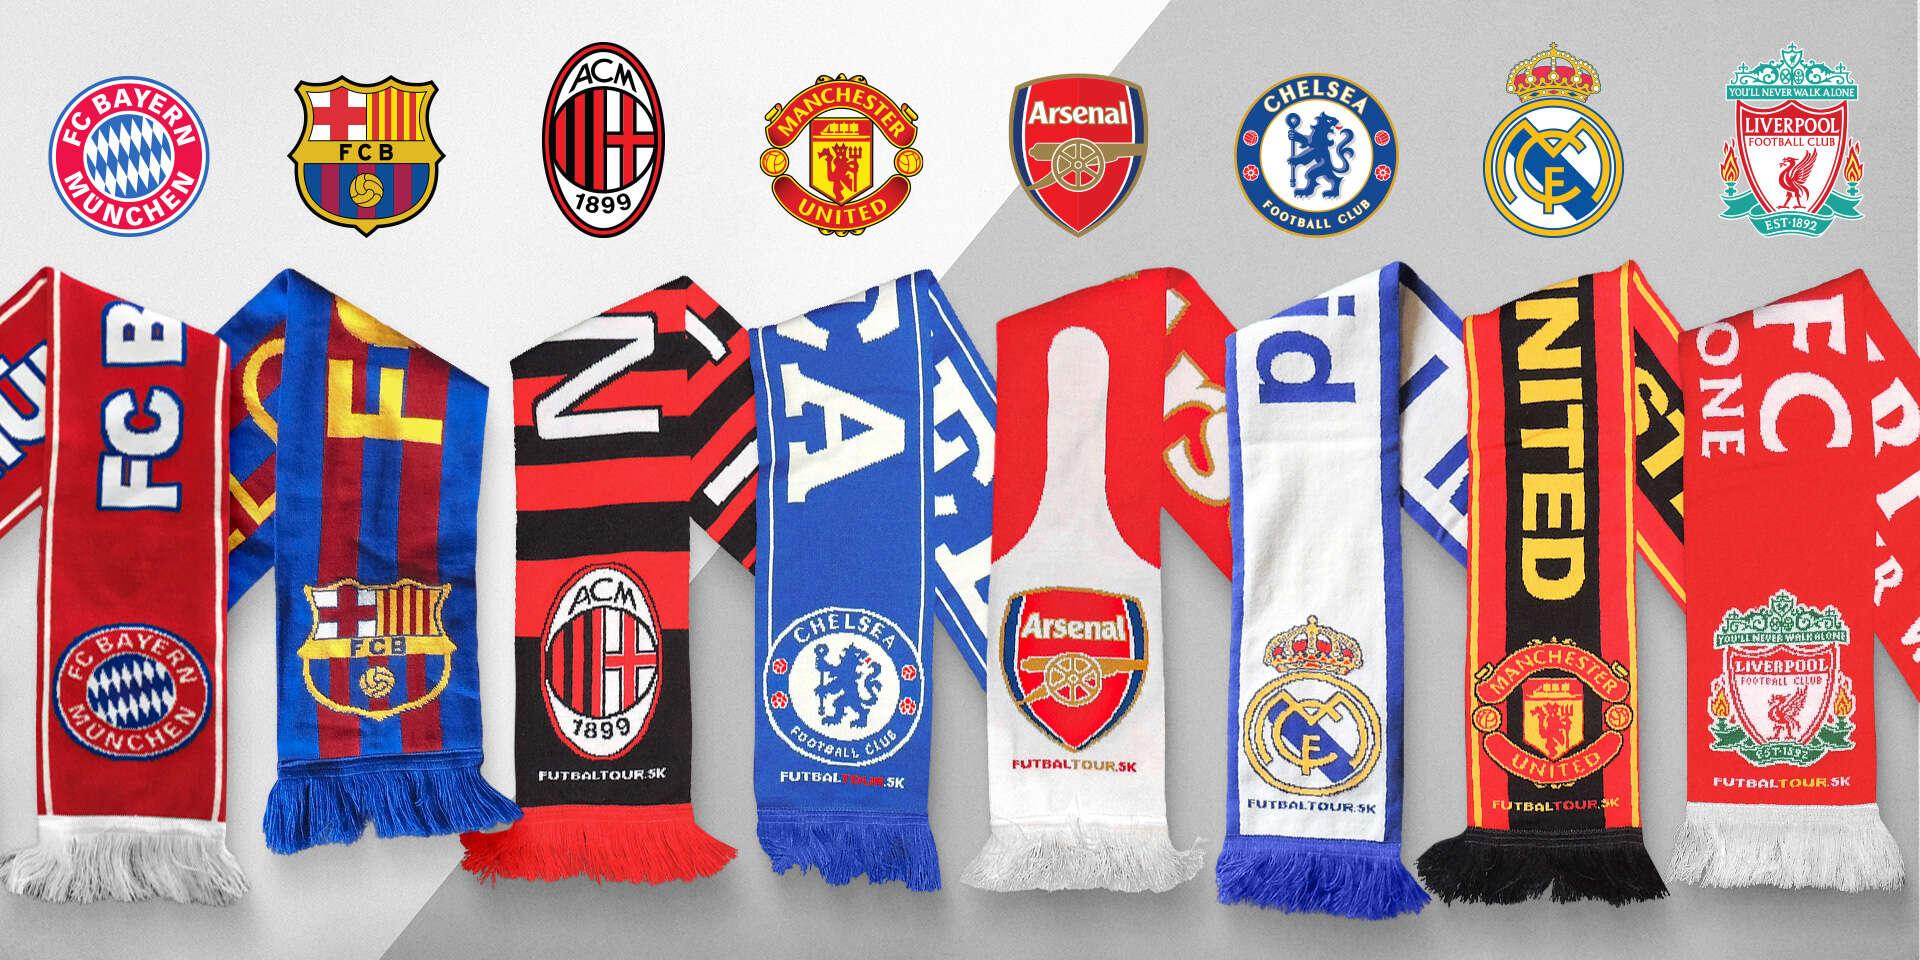 Originálne futbalové šály FC Barcelona, FC Liverpool a ďalších klubov